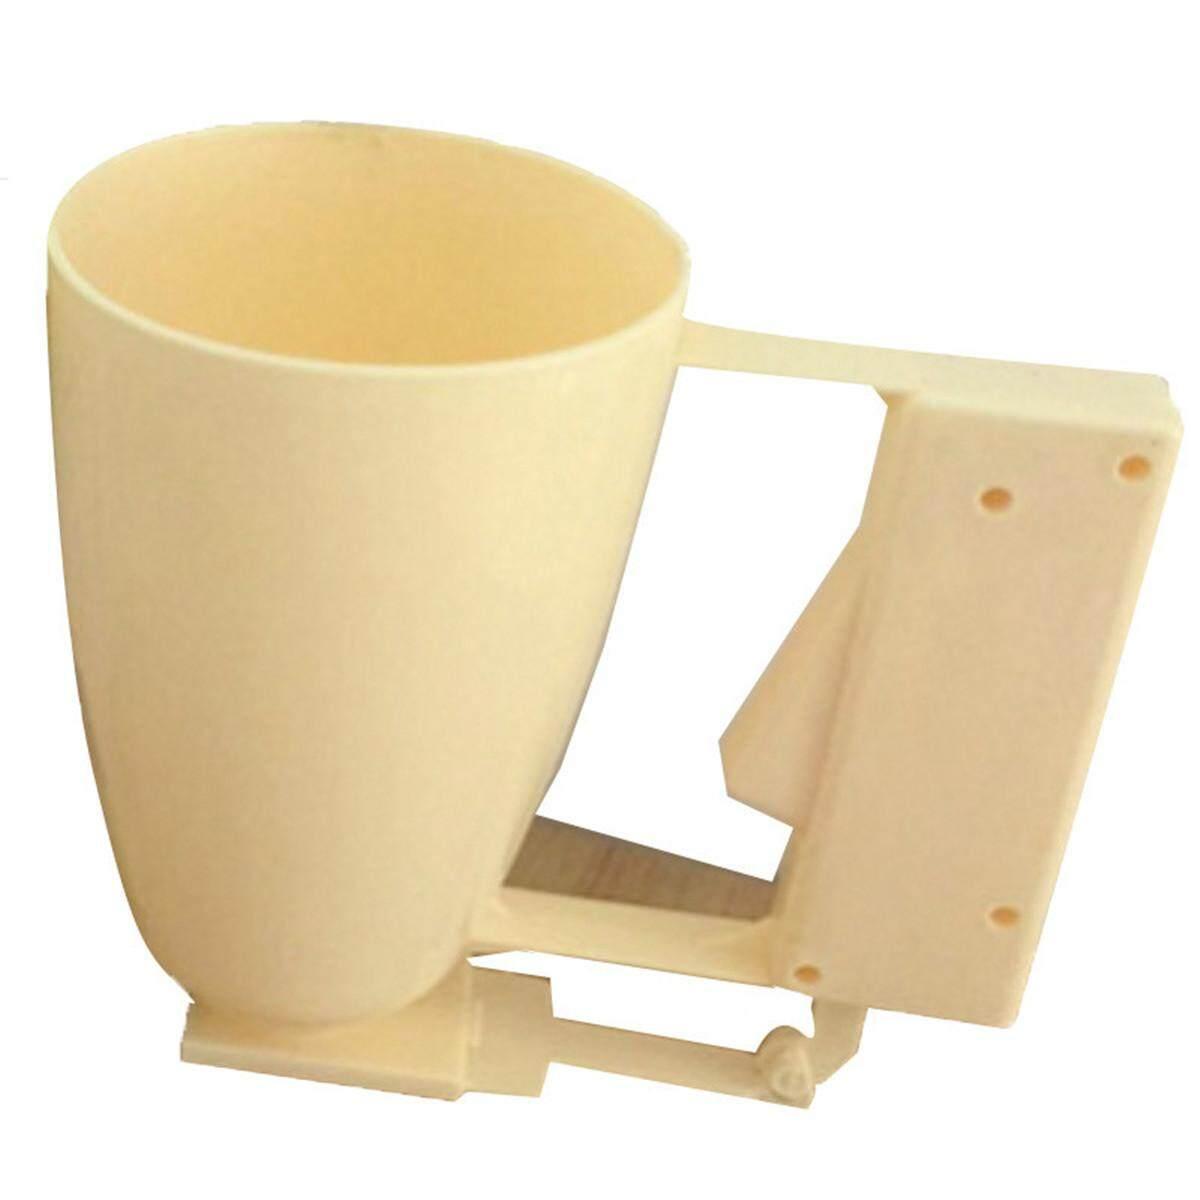 Dapur Pegangan Pembuatan Kue Penolong Cangkir Kue Kering Adonan Dispenser Cangkir Panggang Penolong Cangkir Aksesoris Dapur-Internasional